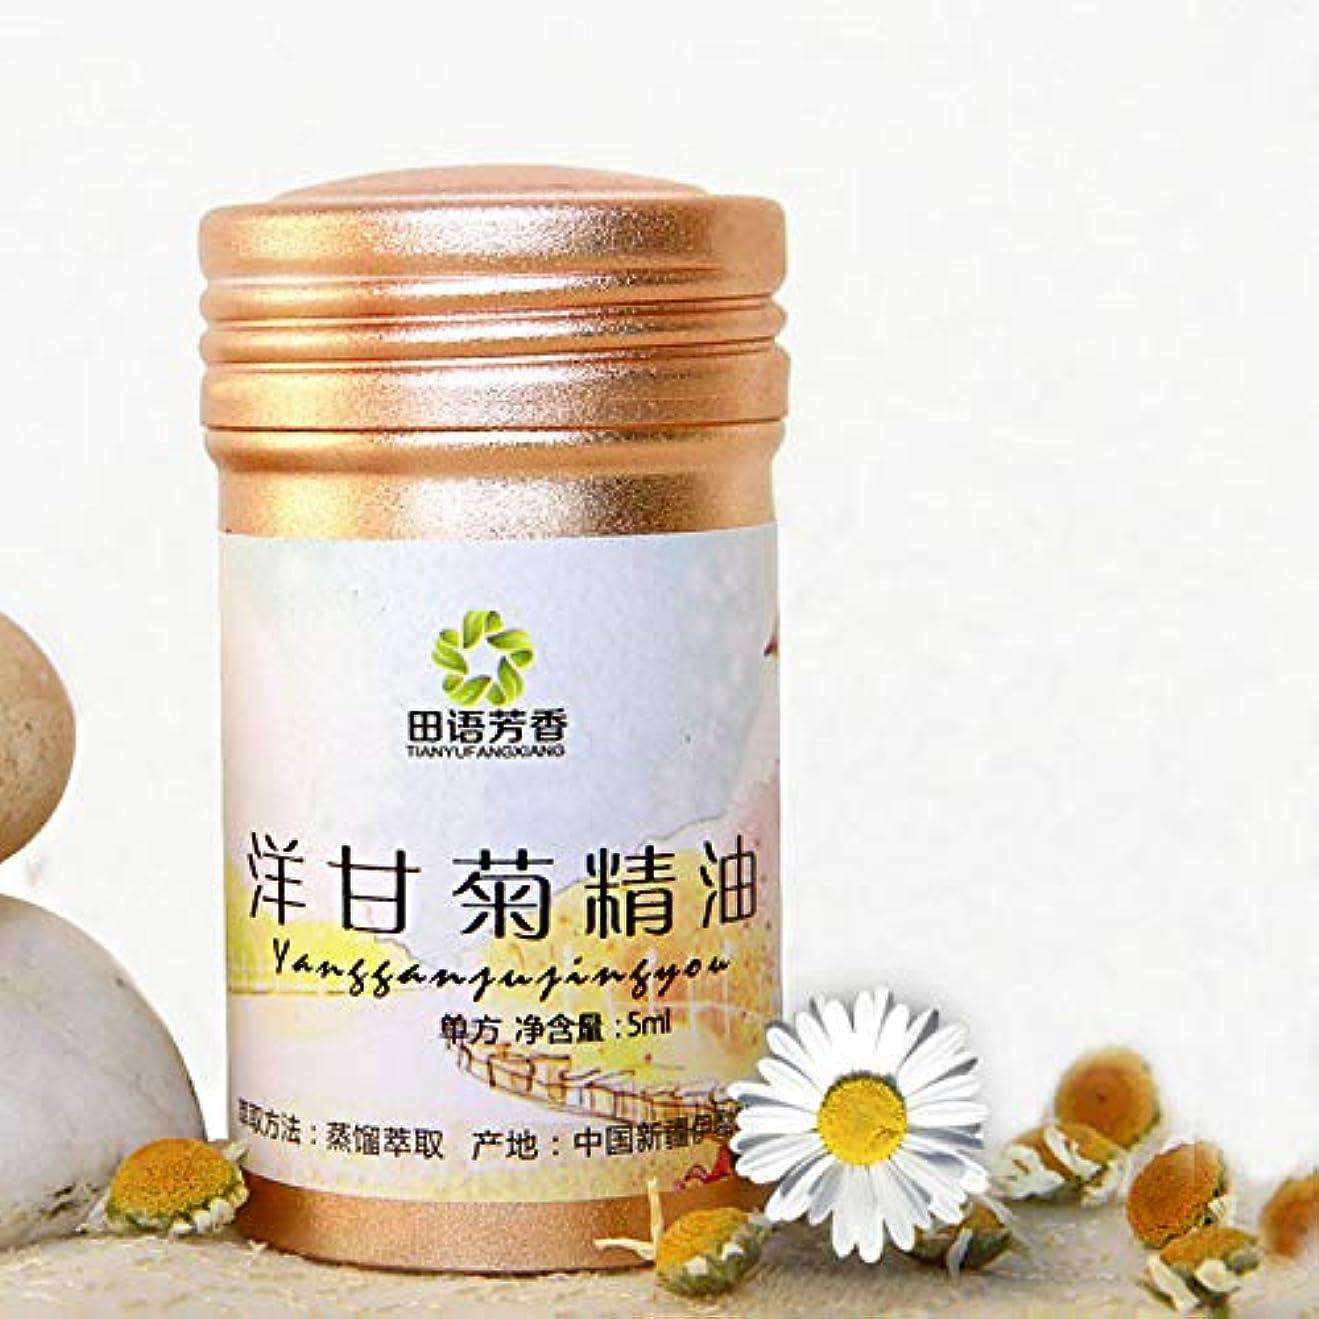 外交壮大な等しいJQ カモミール カモマイル エッセンシャルオイル 精油 (アロマオイル) 100% 純粋な 天然 オーガニック 5ml